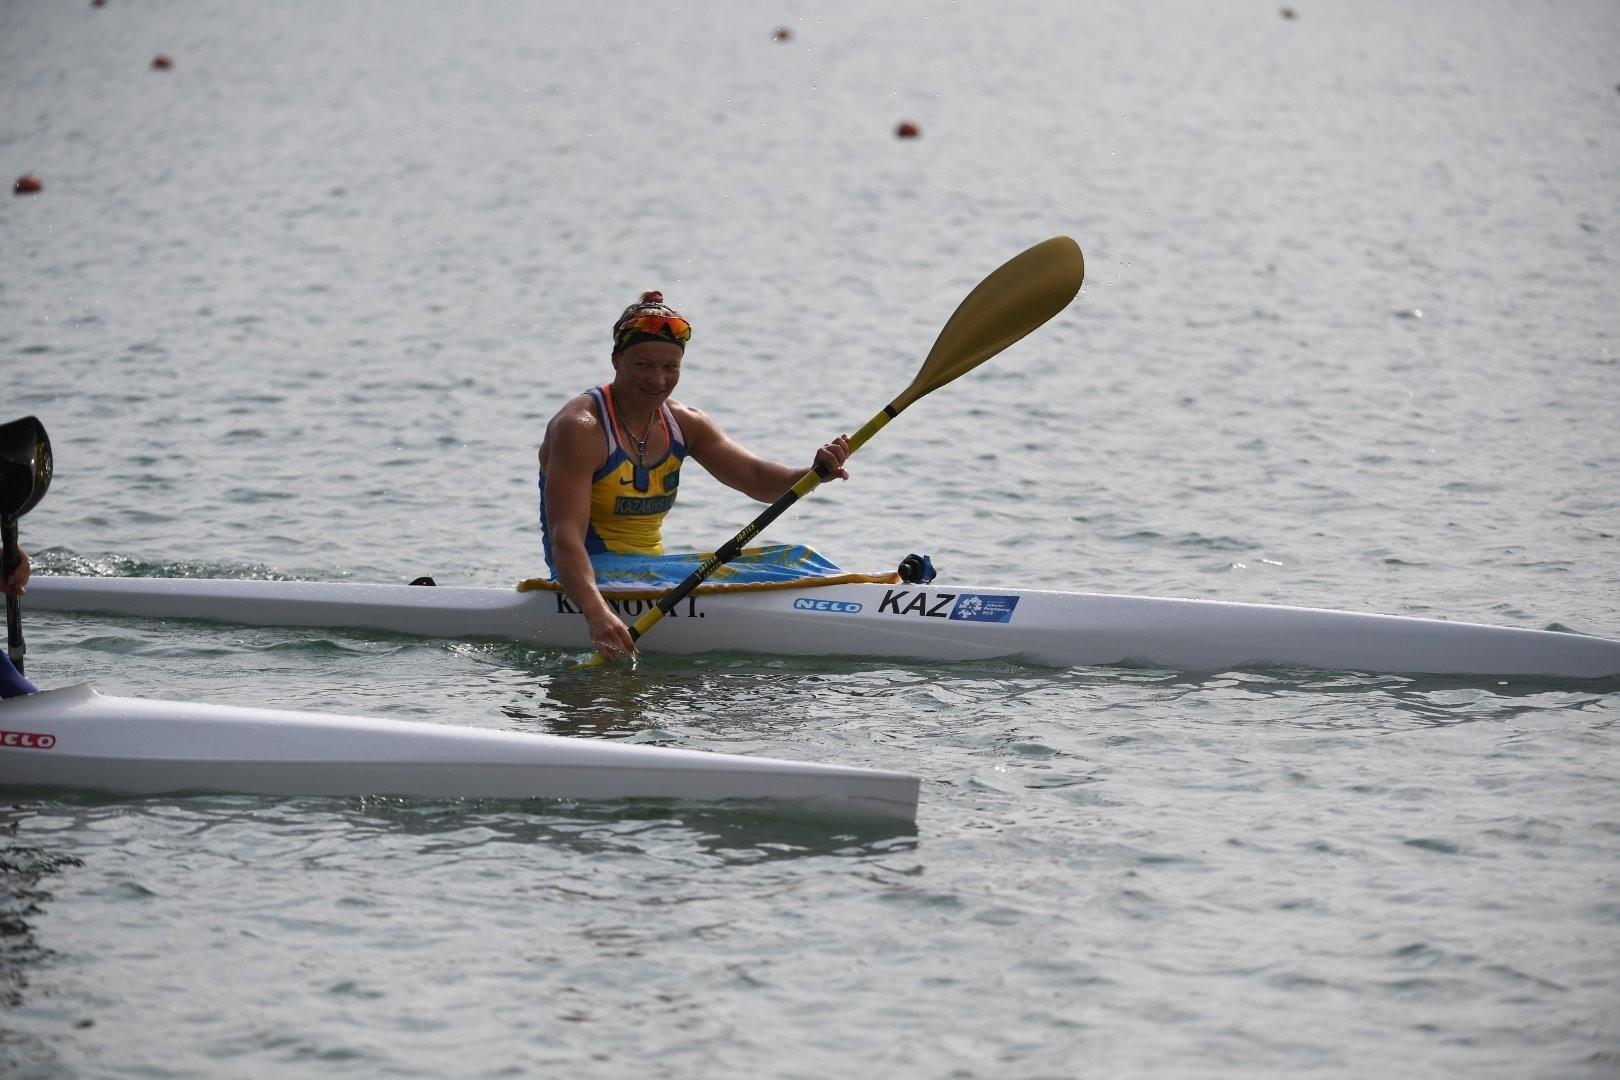 Инна Клинова выступит на этапе кубка мира по гребле на байдарках и каноэ в Венгрии